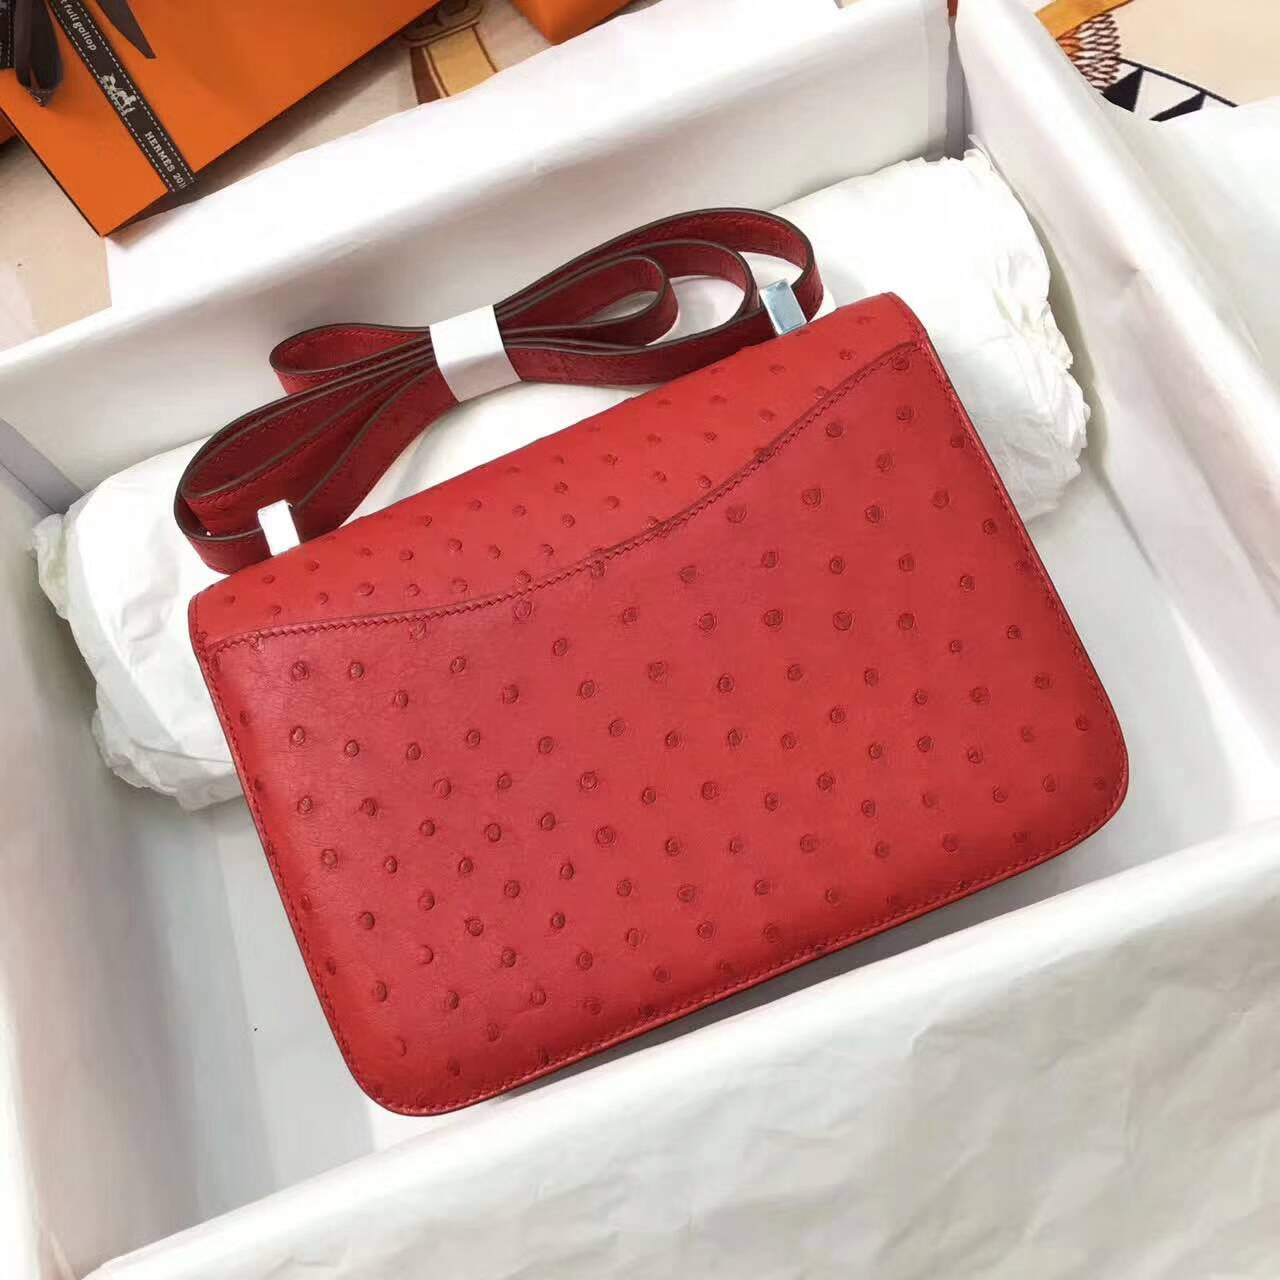 爱马仕空姐包 Constance 23cm Ostrich Leather 南非原产KK级鸵鸟皮 Q5 Rouge Casaqbe 中国红 银扣